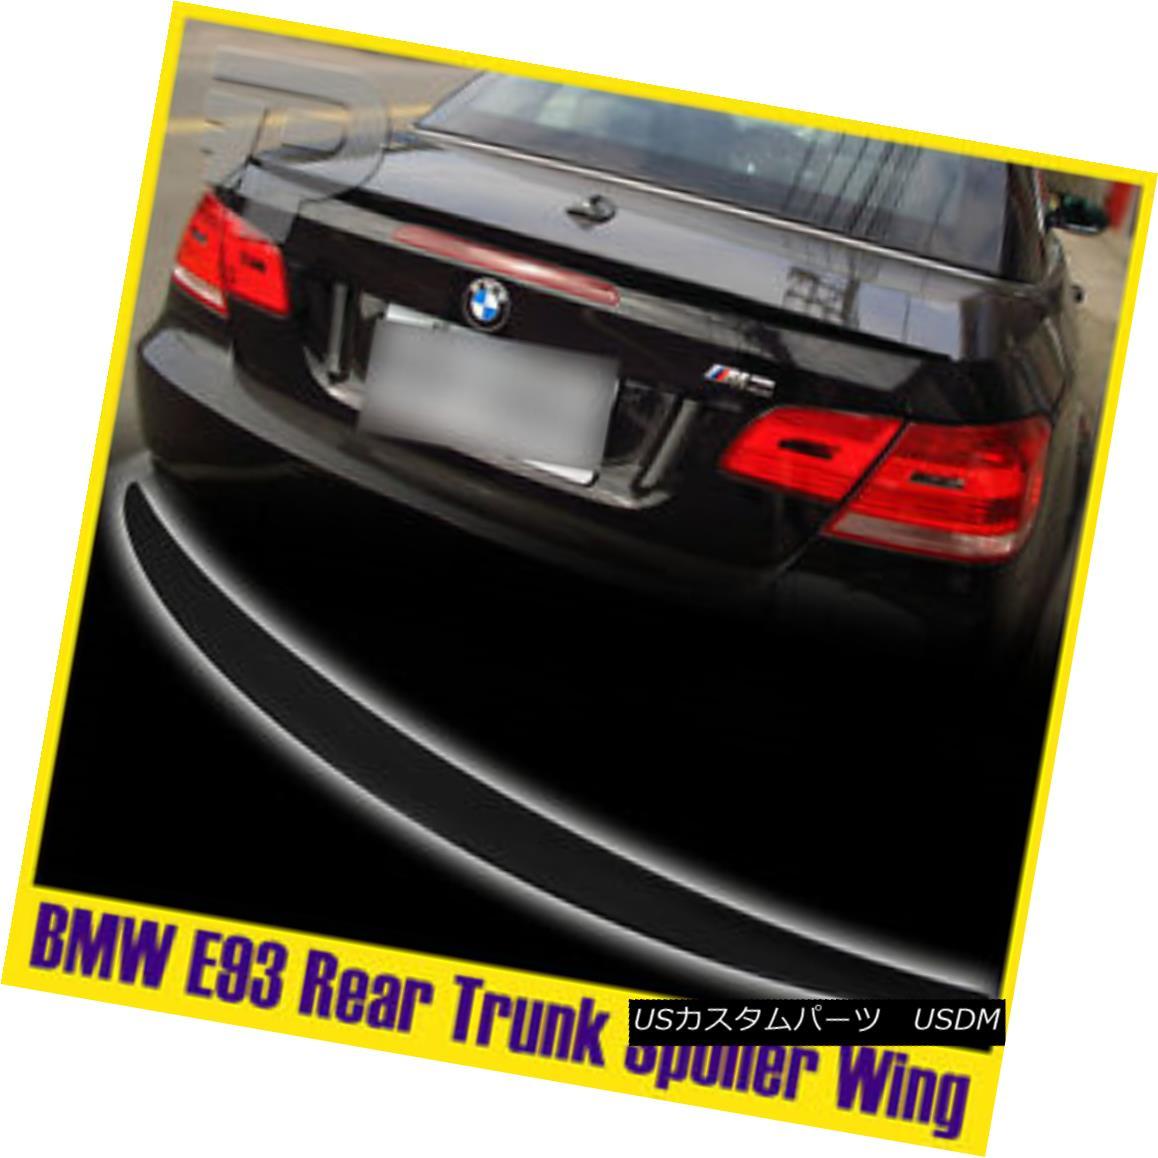 エアロパーツ Painted #475 Black BMW 3-Series E93 Cabrolet P Boot Trunk Spoiler Wing 2013 #475黒BMW 3シリーズE93カブレットPブーツトランク・スポイラーウィング2013を塗装